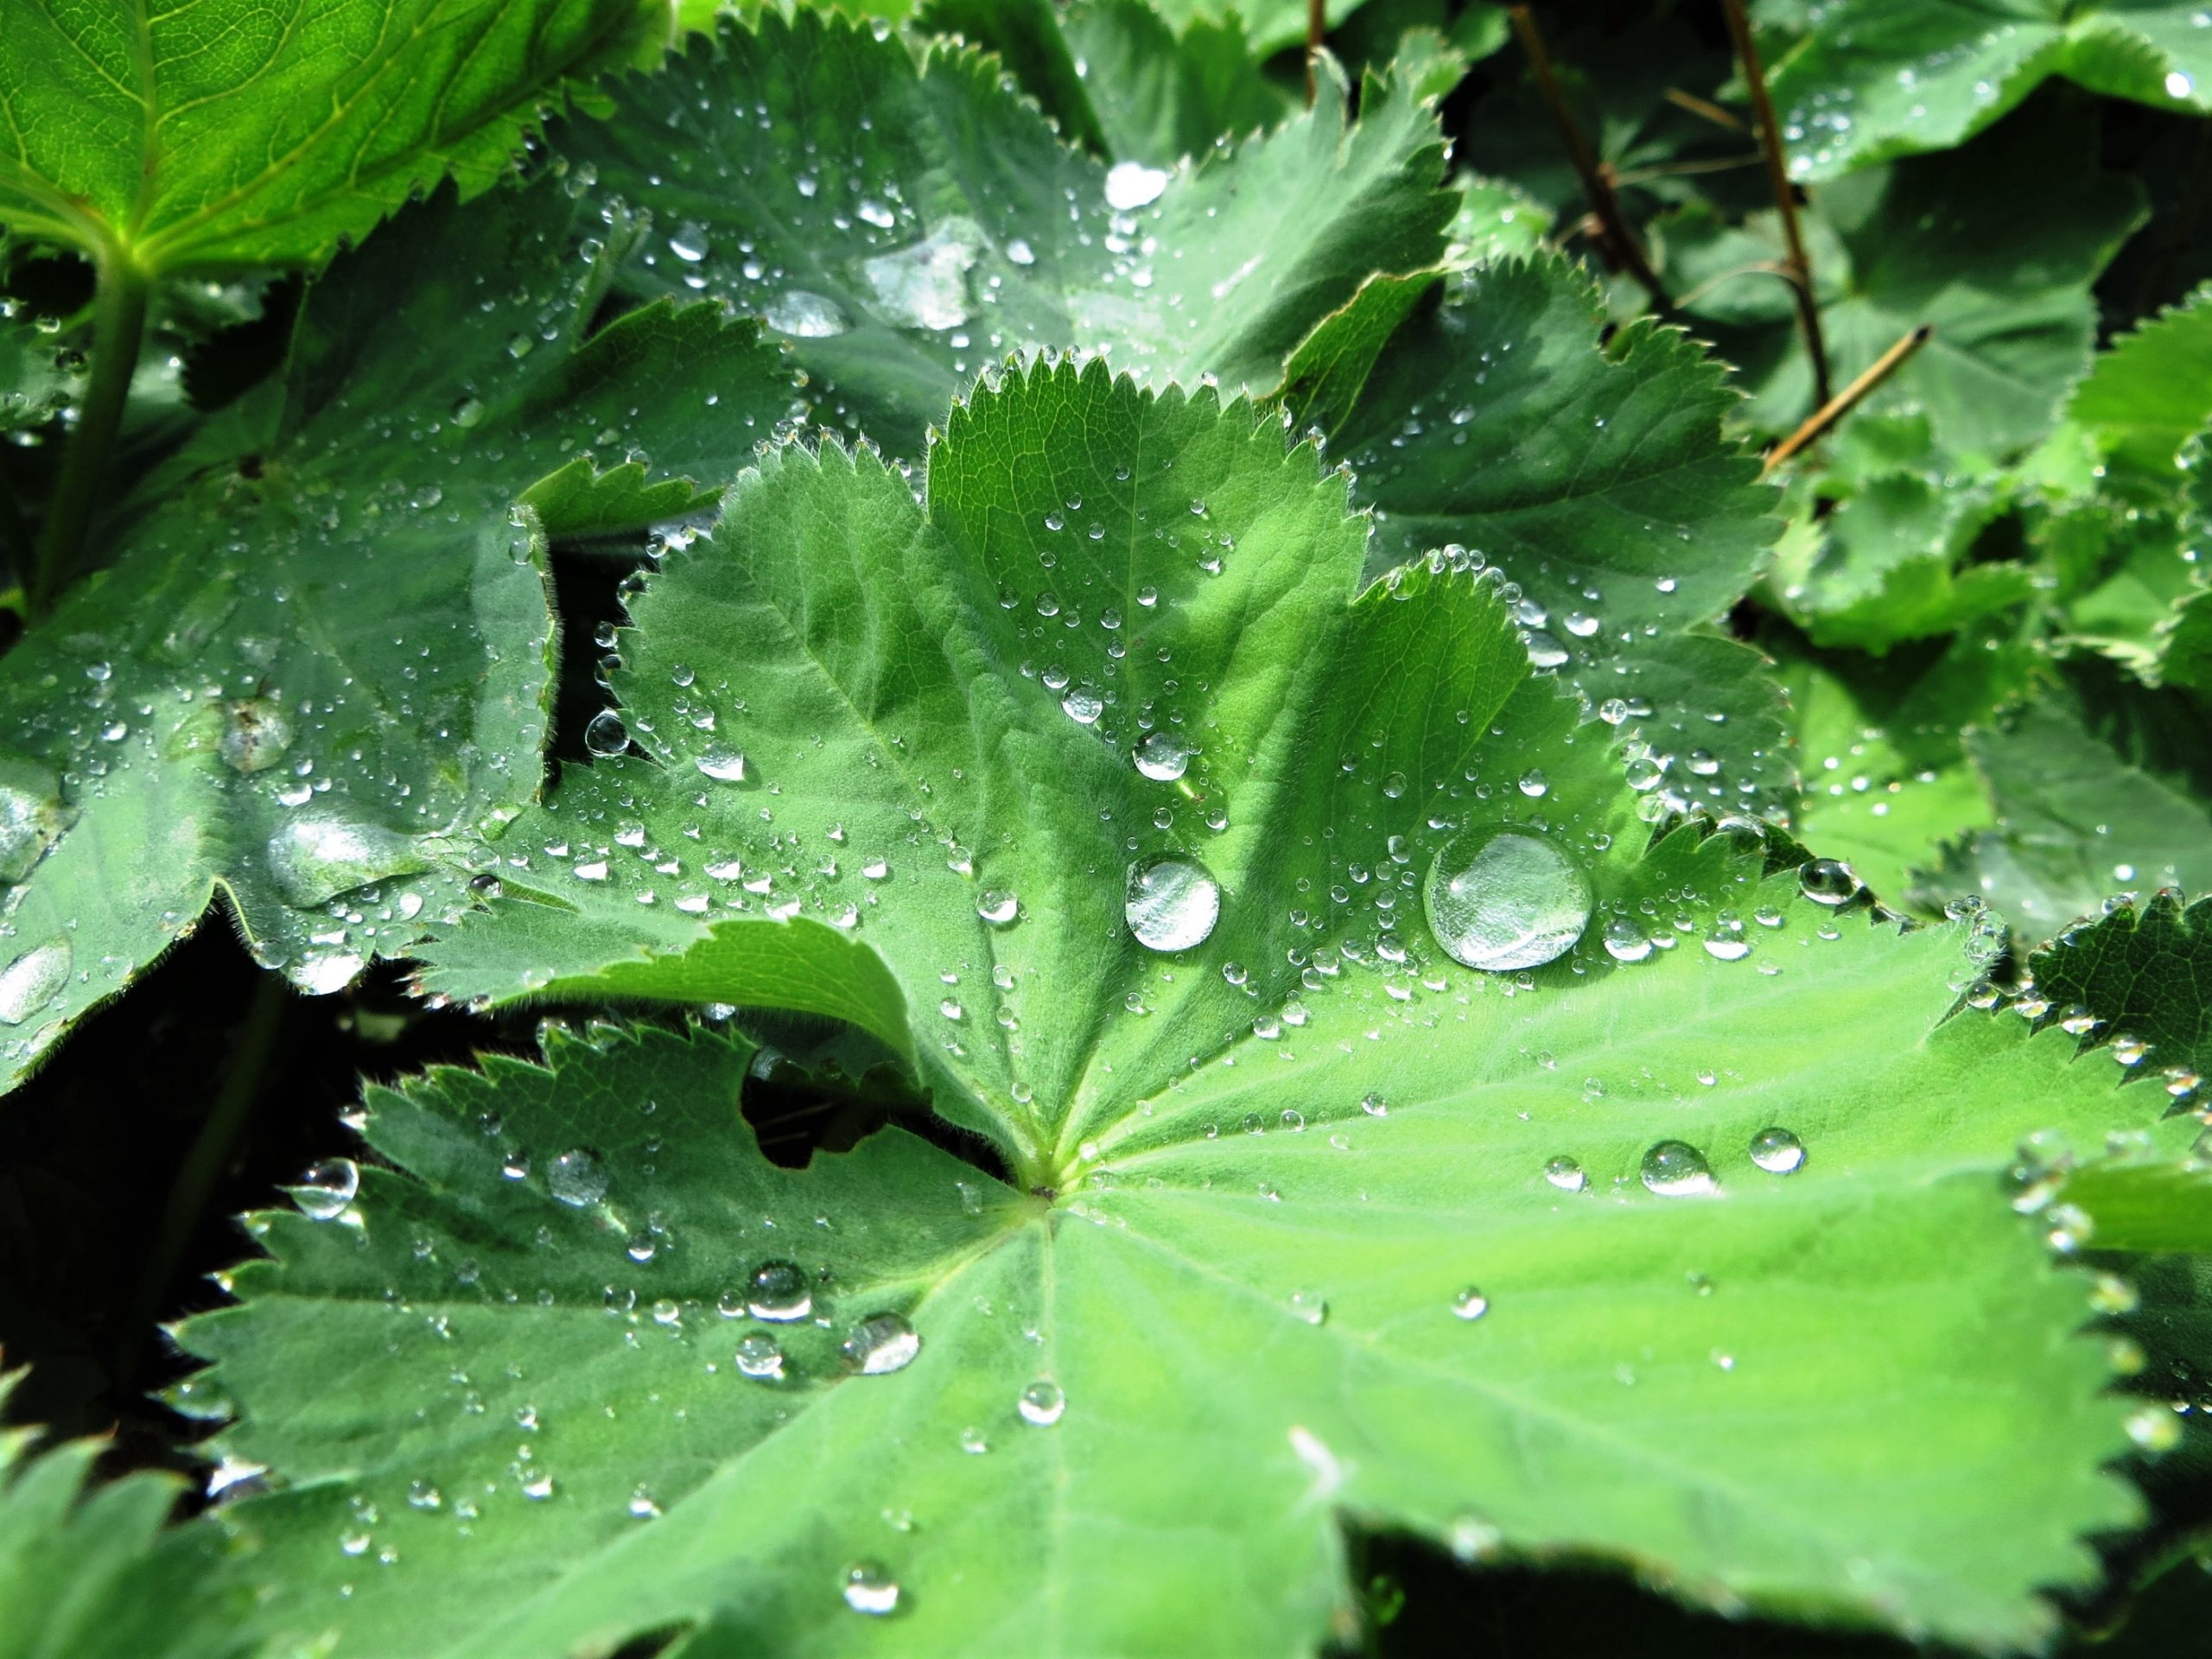 Arzneipflanzen – Wirkstoffe aus der Natur